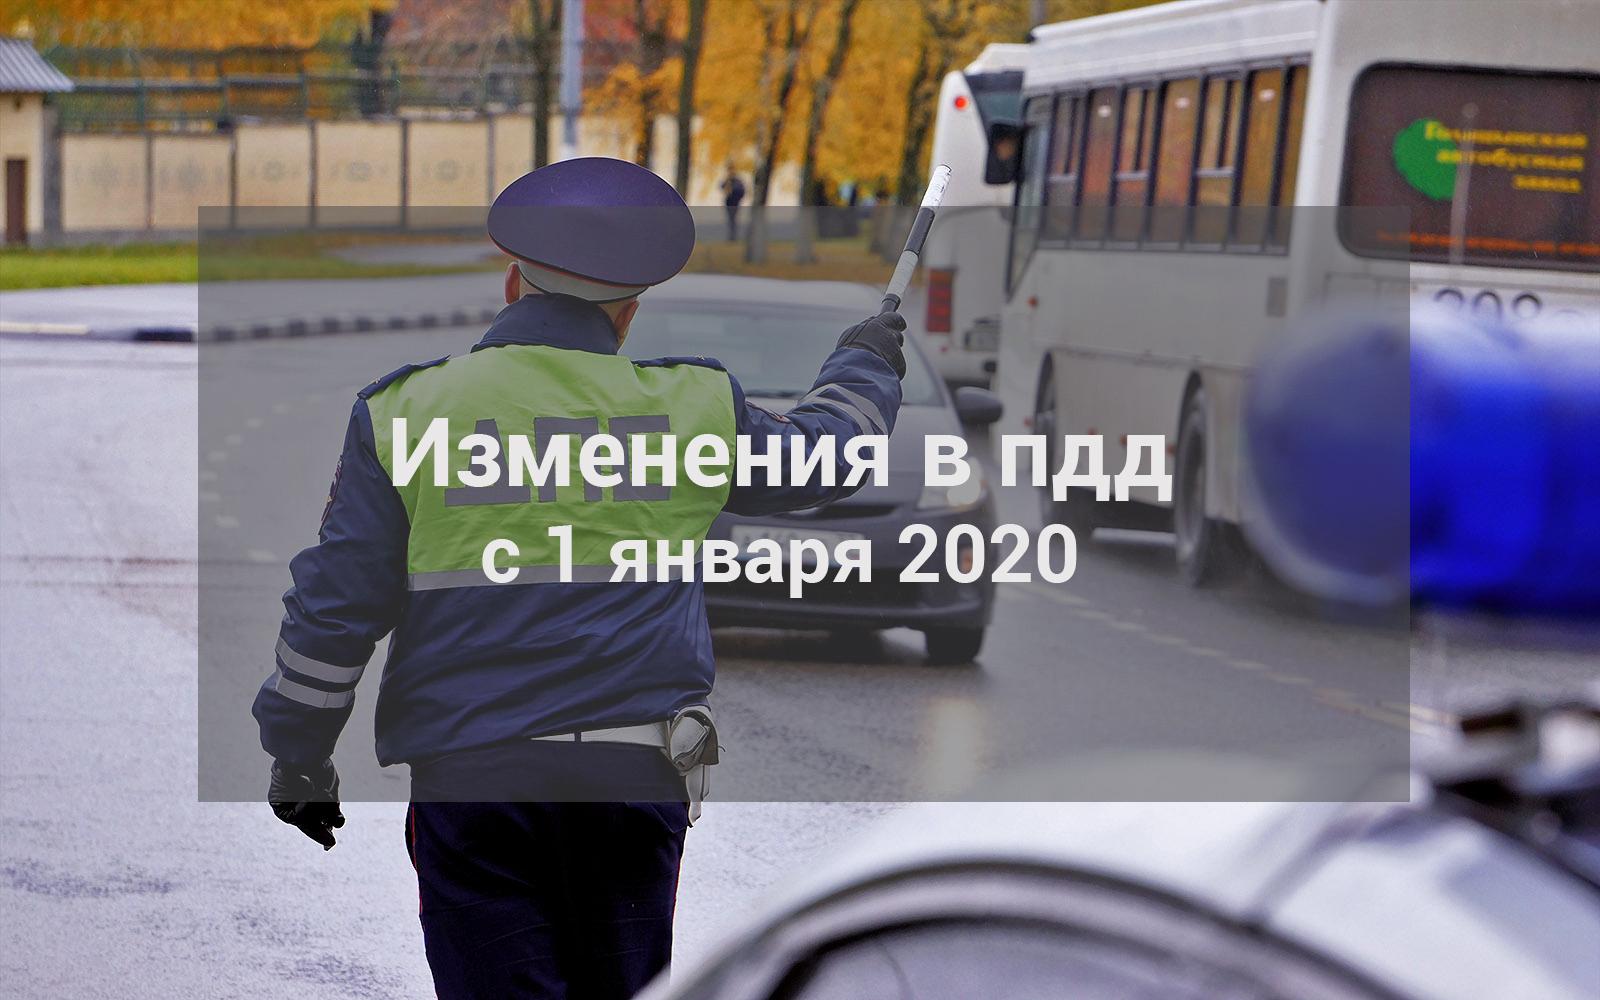 Изменения в ПДД с 1 января 2020 года